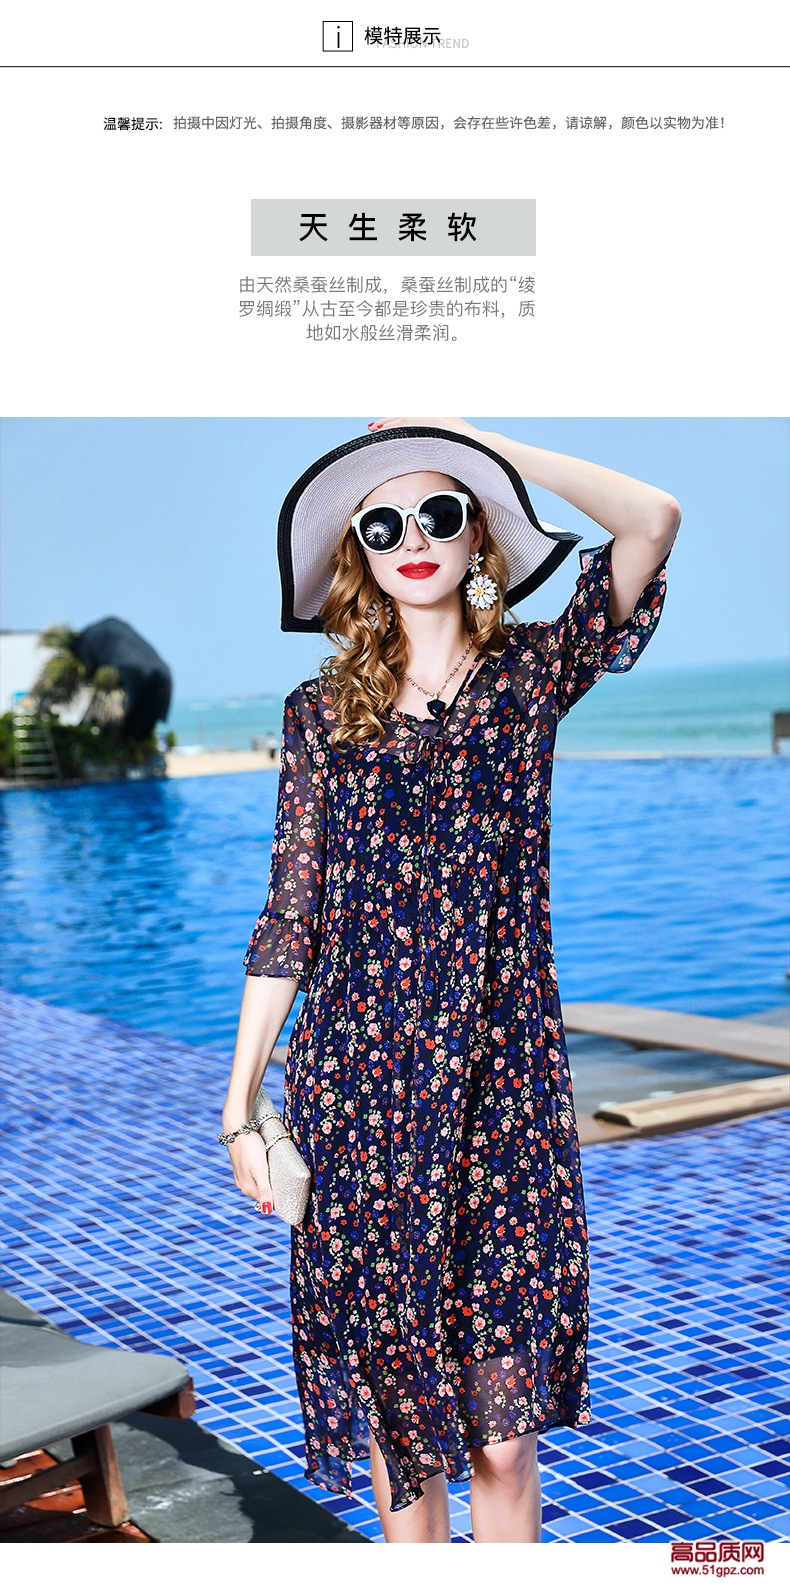 小粉印花连衣裙2018夏新款中年女时尚修身真丝乔其中袖中长款裙子